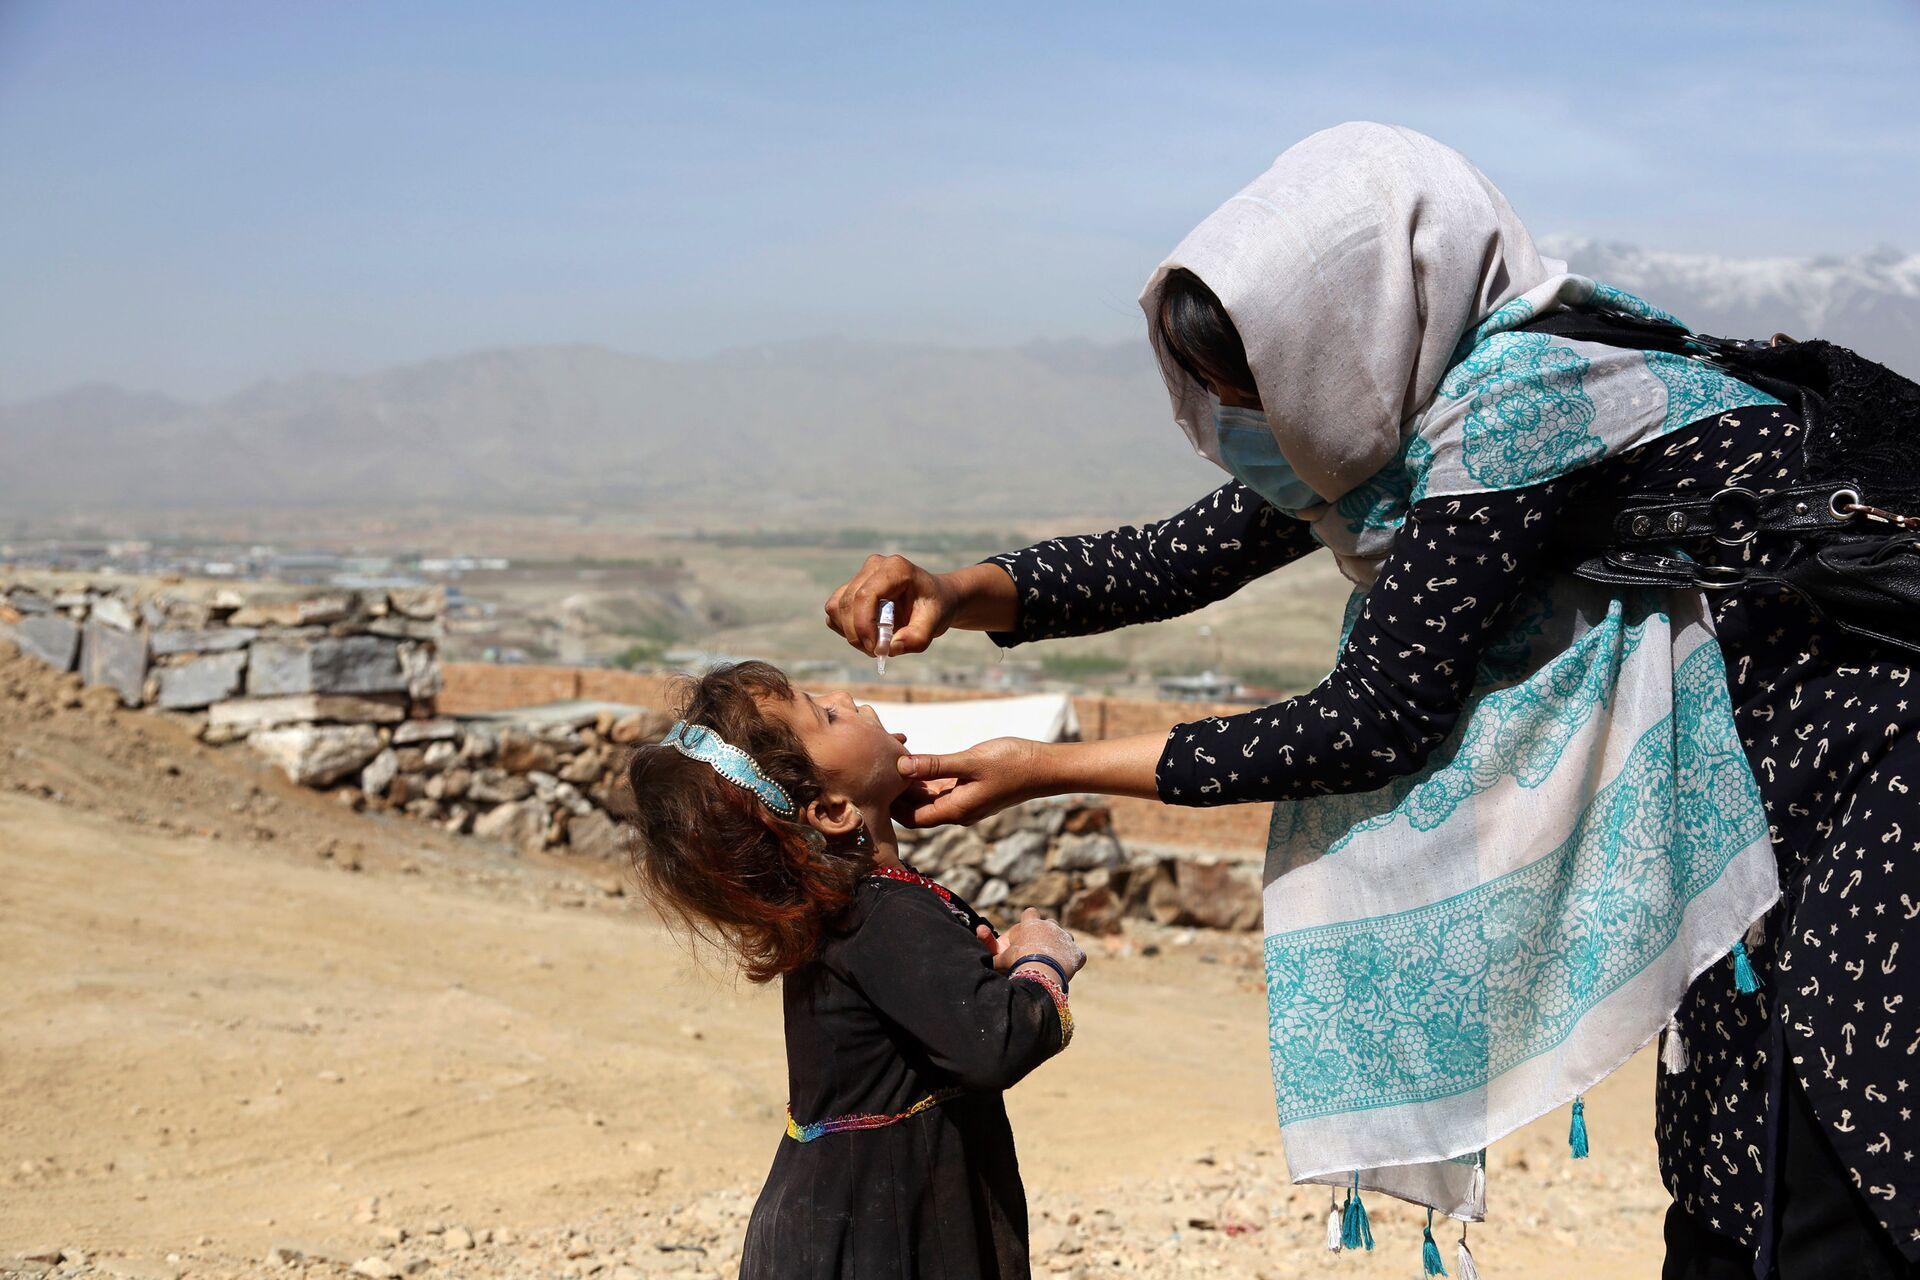 Медицинский работник вакцинирует ребенка в рамках кампании по борьбе с полиомиелитом в Афганистане - РИА Новости, 1920, 22.01.2021